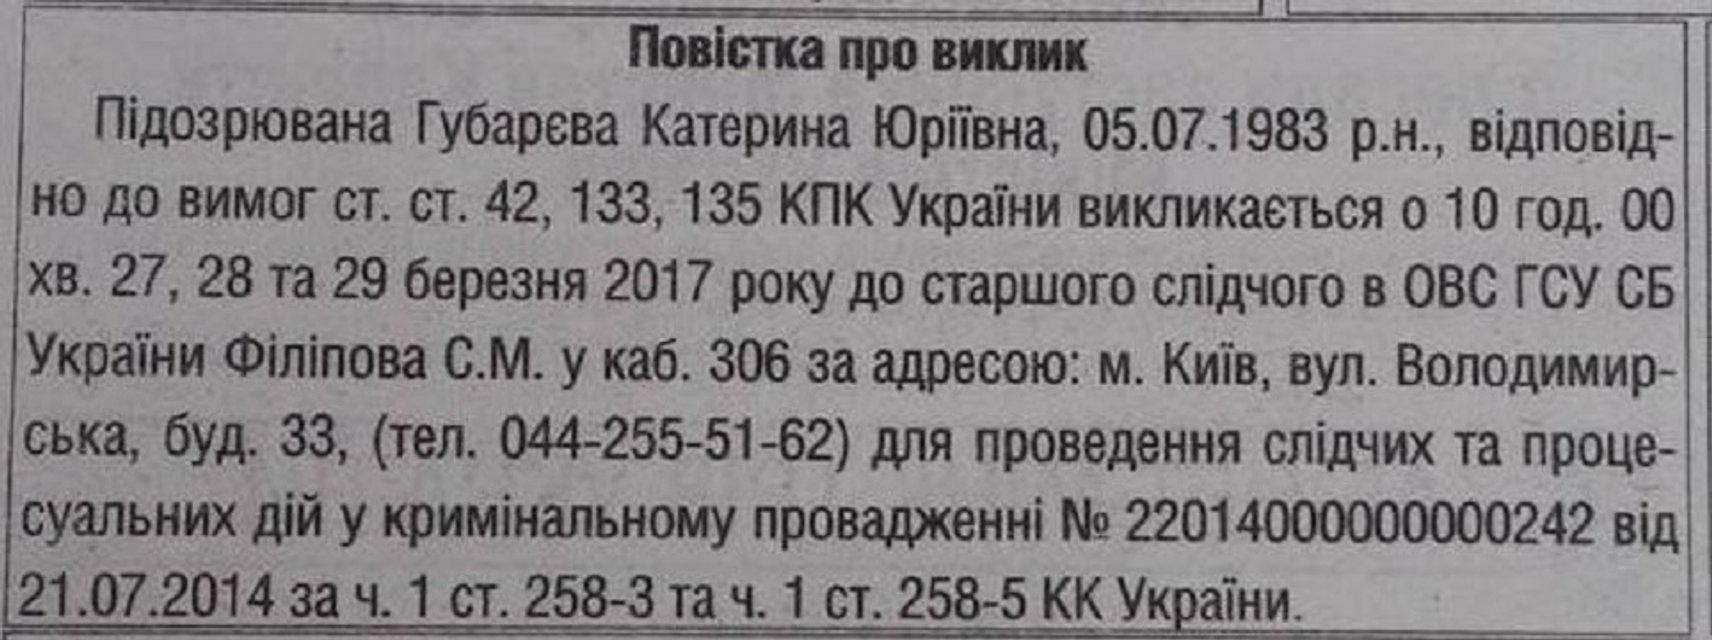 """Жену идеолога """"ДНР"""" Губарева вызвали на допрос в СБУ - фото 39122"""